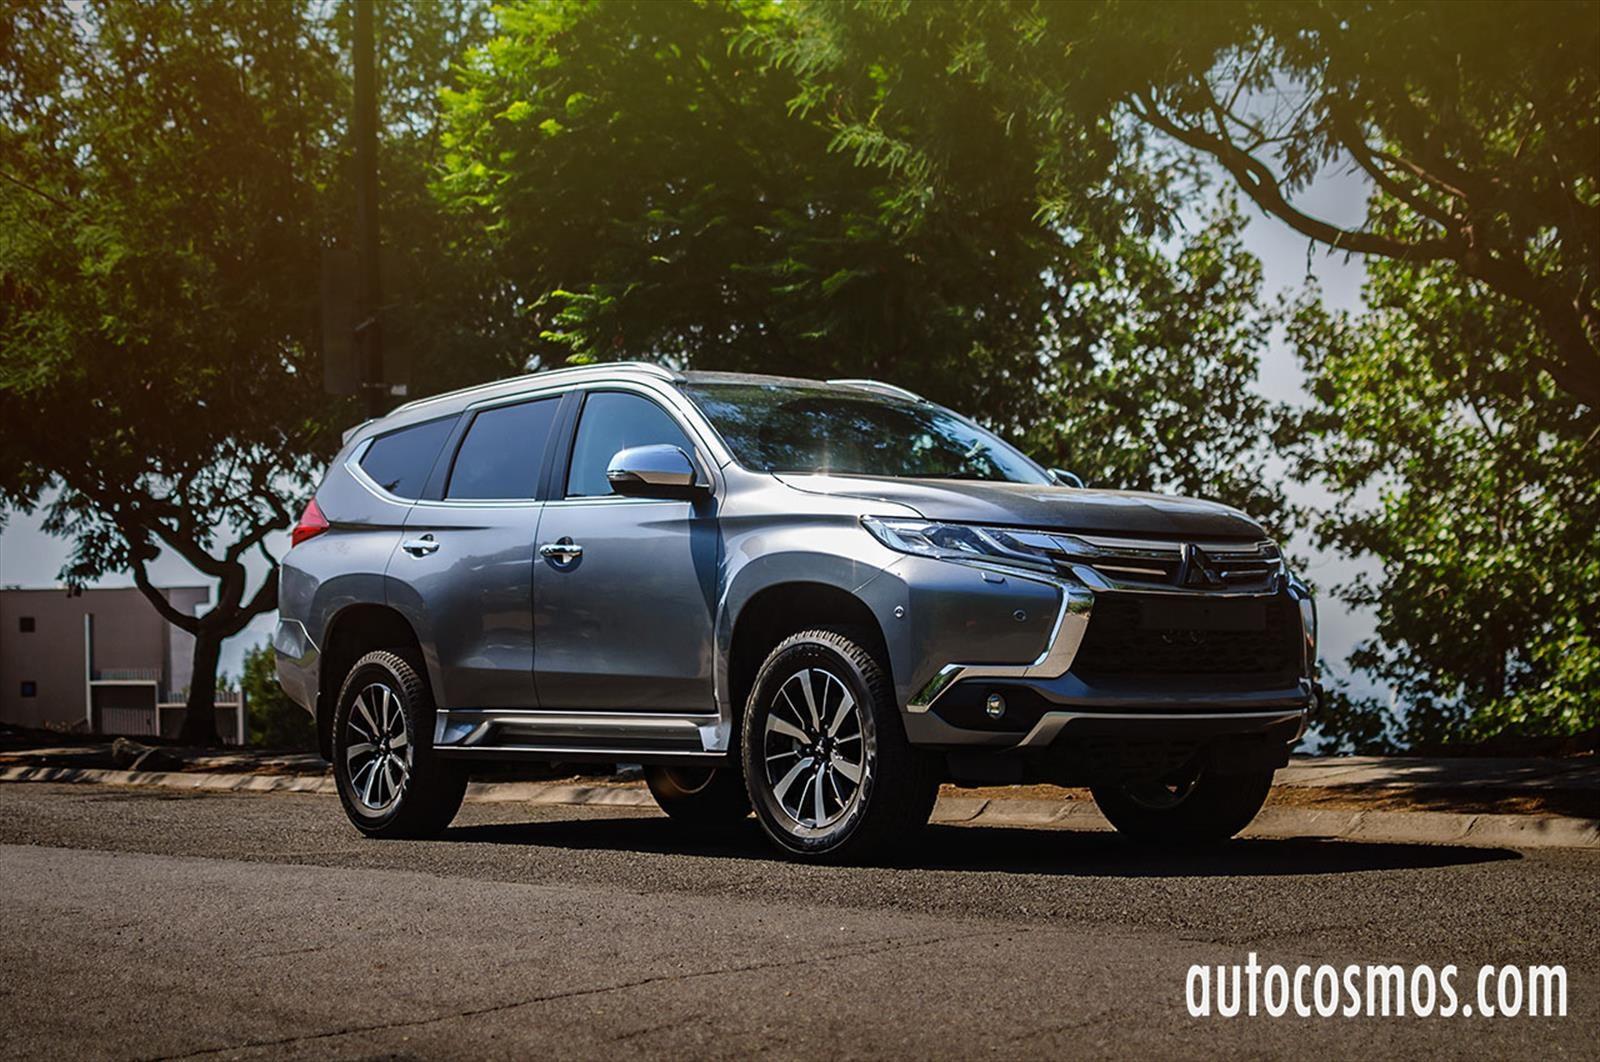 Probando El Mitsubishi Montero Sport 2017 Autocosmos Com